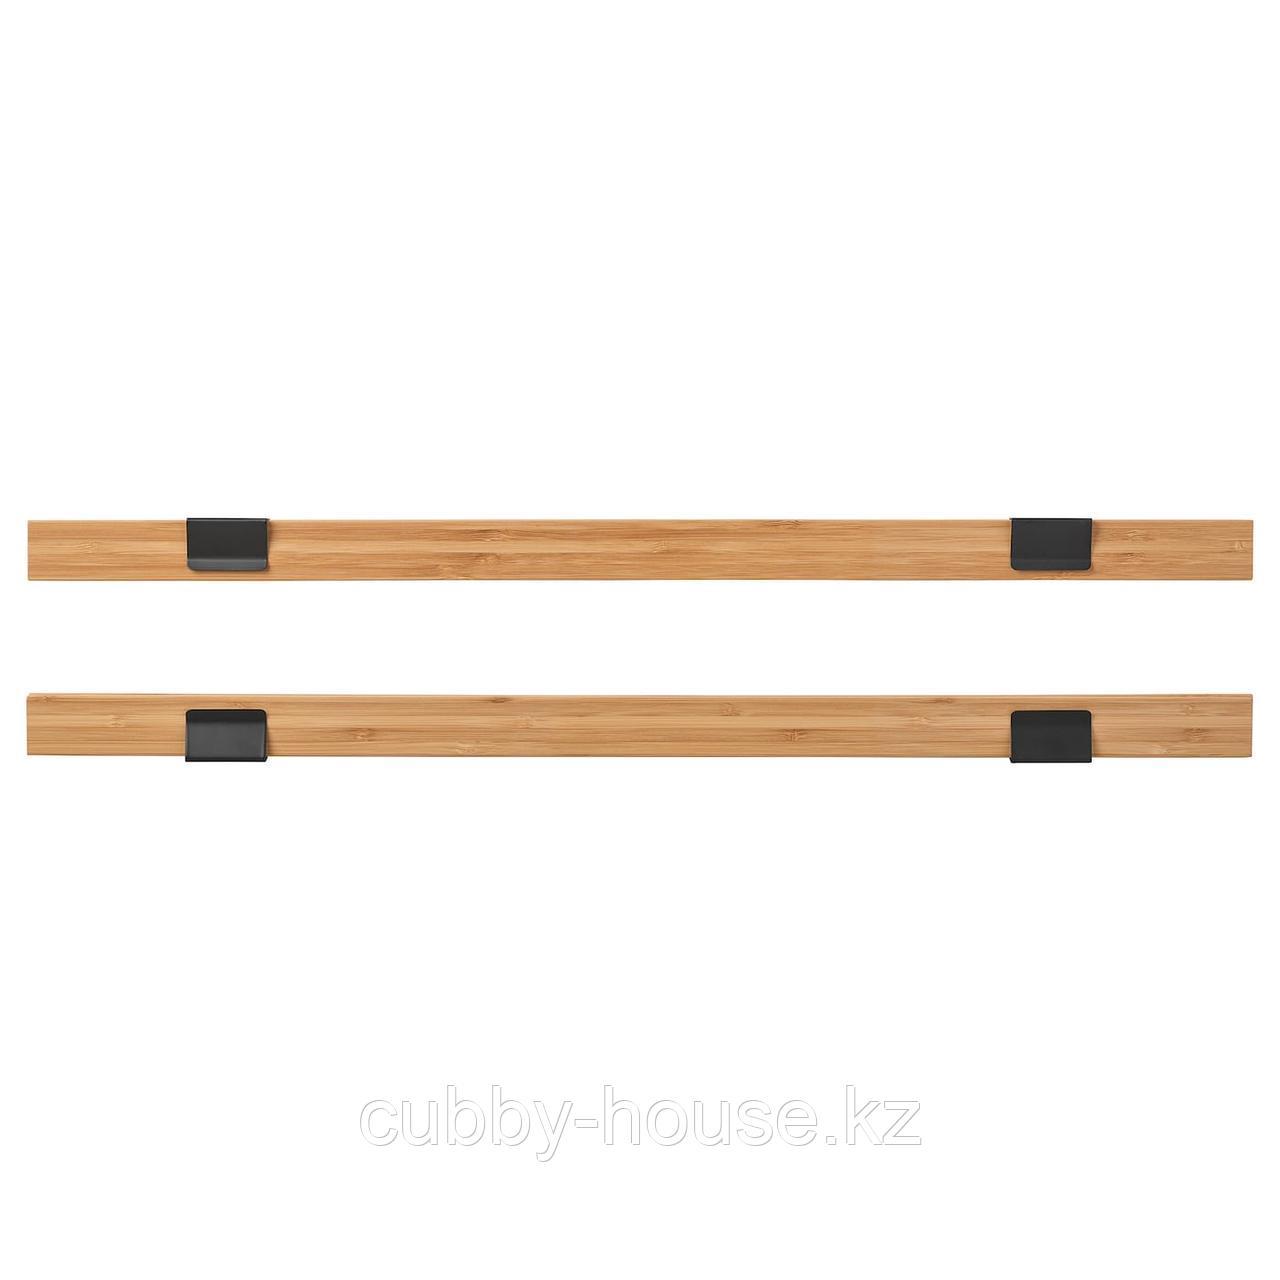 ВИСБЭКК Держатель для постера, бамбук, 61 см